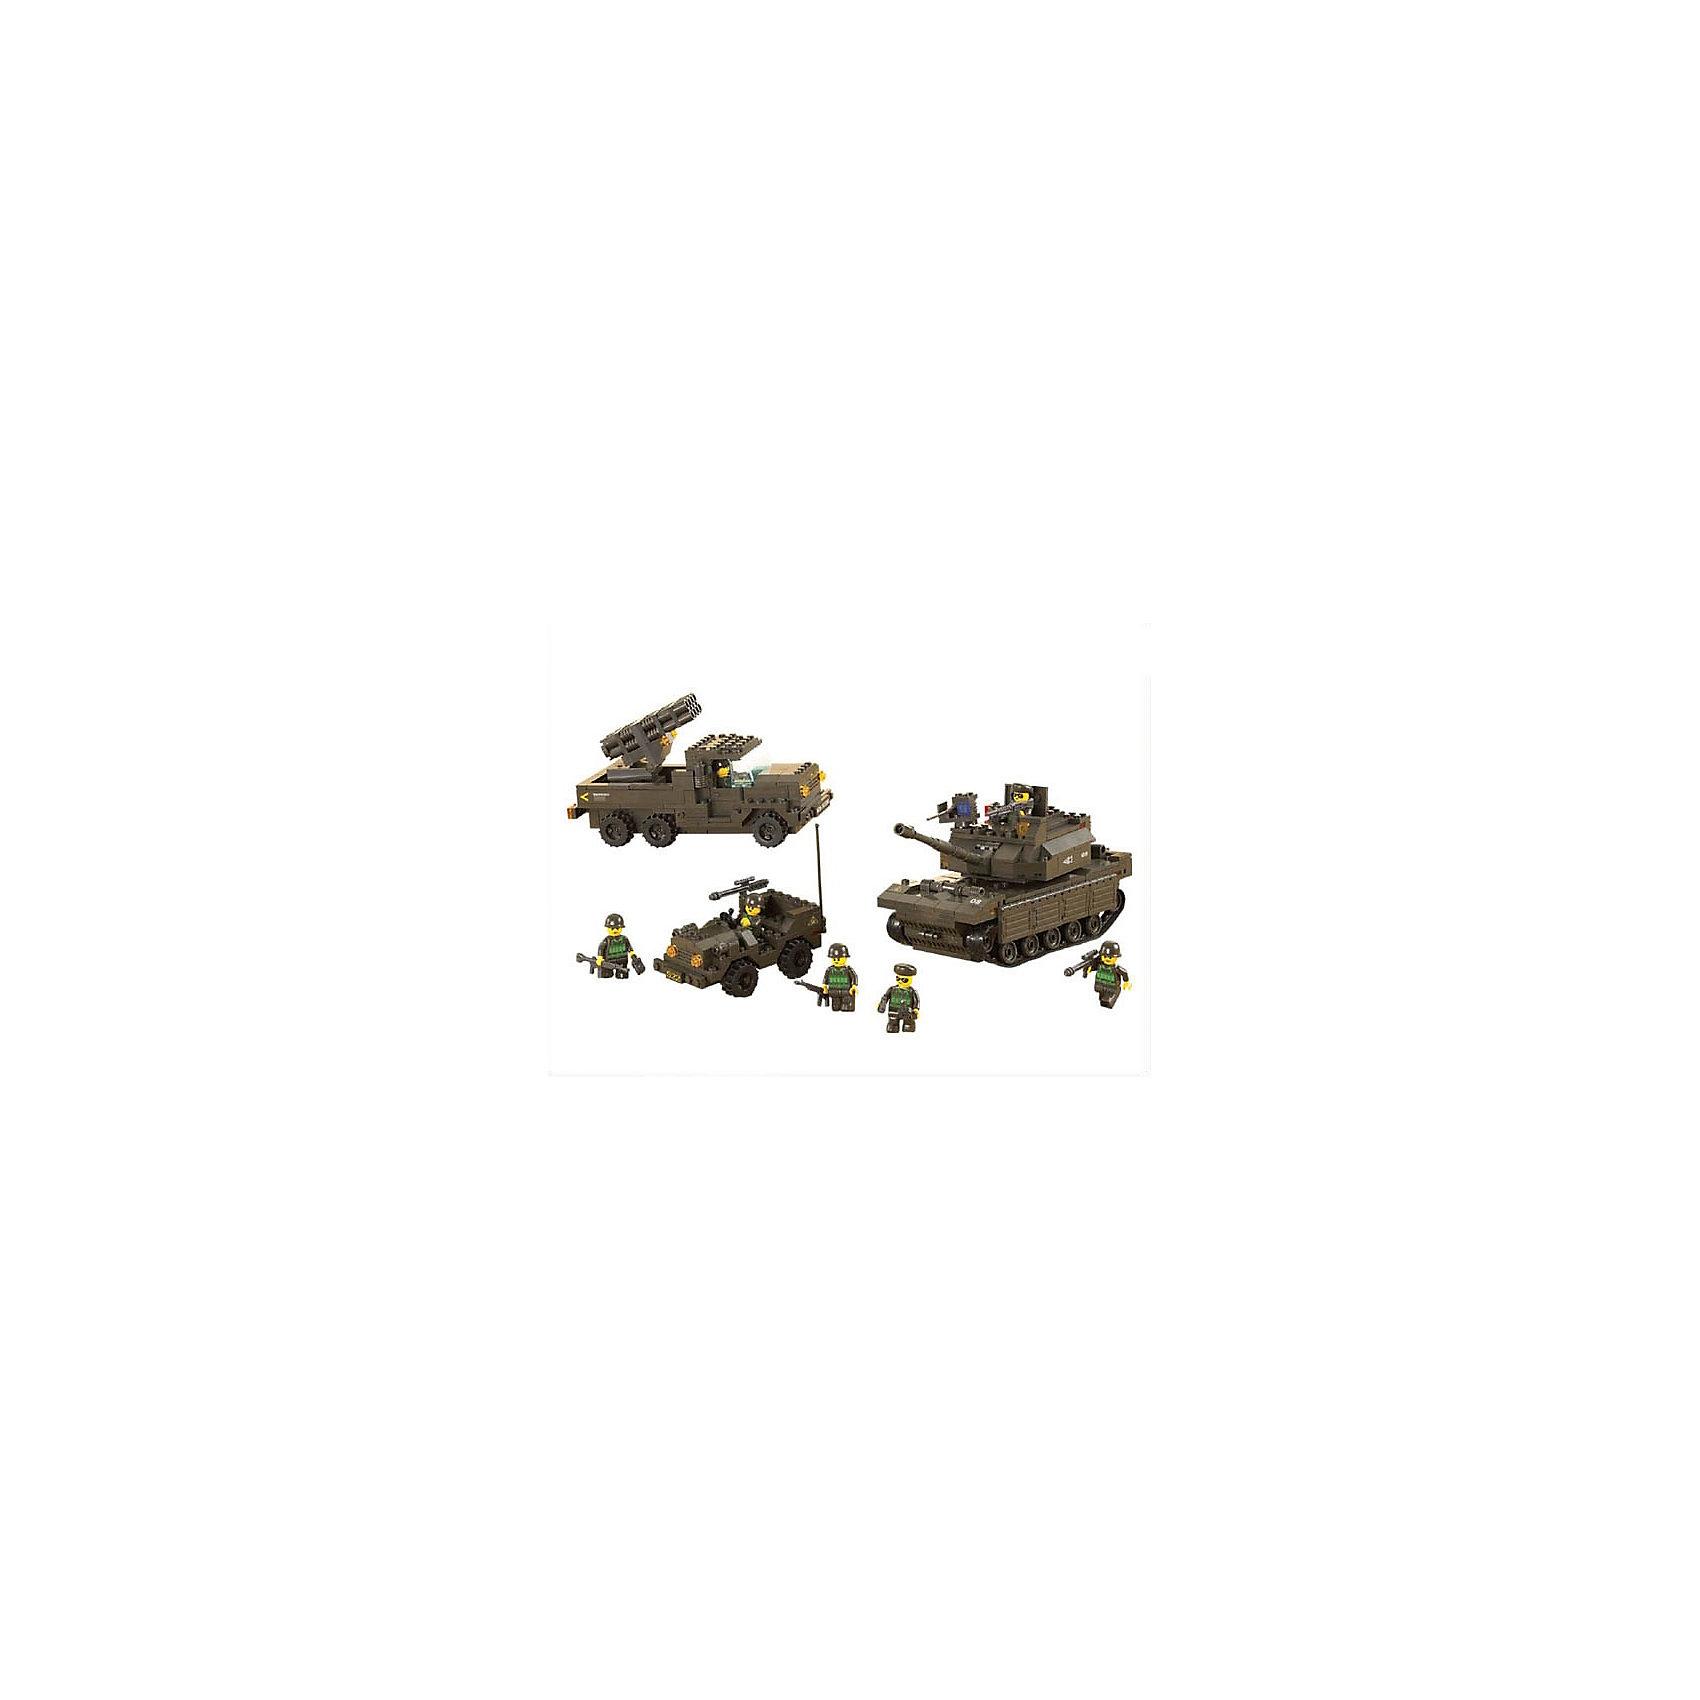 Конструктор Сухопутные войска: Сражение, 602 детали, SlubanПластмассовые конструкторы<br>Конструктор Сухопутные войска: Сражение, 602 детали, Sluban (Слубан)<br><br>Характеристики:<br><br>• возраст: от 6 лет<br>• военная техника и военные<br>• мини-фигурки в комплекте<br>• количество деталей: 602<br>• материал: пластик<br>• размер упаковки: 6х32,5х43 см<br>• вес: 1520 грамм<br><br>Конструктор Сухопутные войска: Сражение отлично подойдет для юных военных. Из 602 деталей ребенок сможет собрать военный джип, танк и ракетную установку. В комплект входят семь фигурок военных. С такой техникой боевые действия пройдут слаженно!<br><br>Конструктор Сухопутные войска: Сражение, 602 детали, Sluban (Слубан) вы можете купить в нашем интернет-магазине.<br><br>Ширина мм: 430<br>Глубина мм: 325<br>Высота мм: 60<br>Вес г: 1520<br>Возраст от месяцев: 72<br>Возраст до месяцев: 2147483647<br>Пол: Мужской<br>Возраст: Детский<br>SKU: 5453705